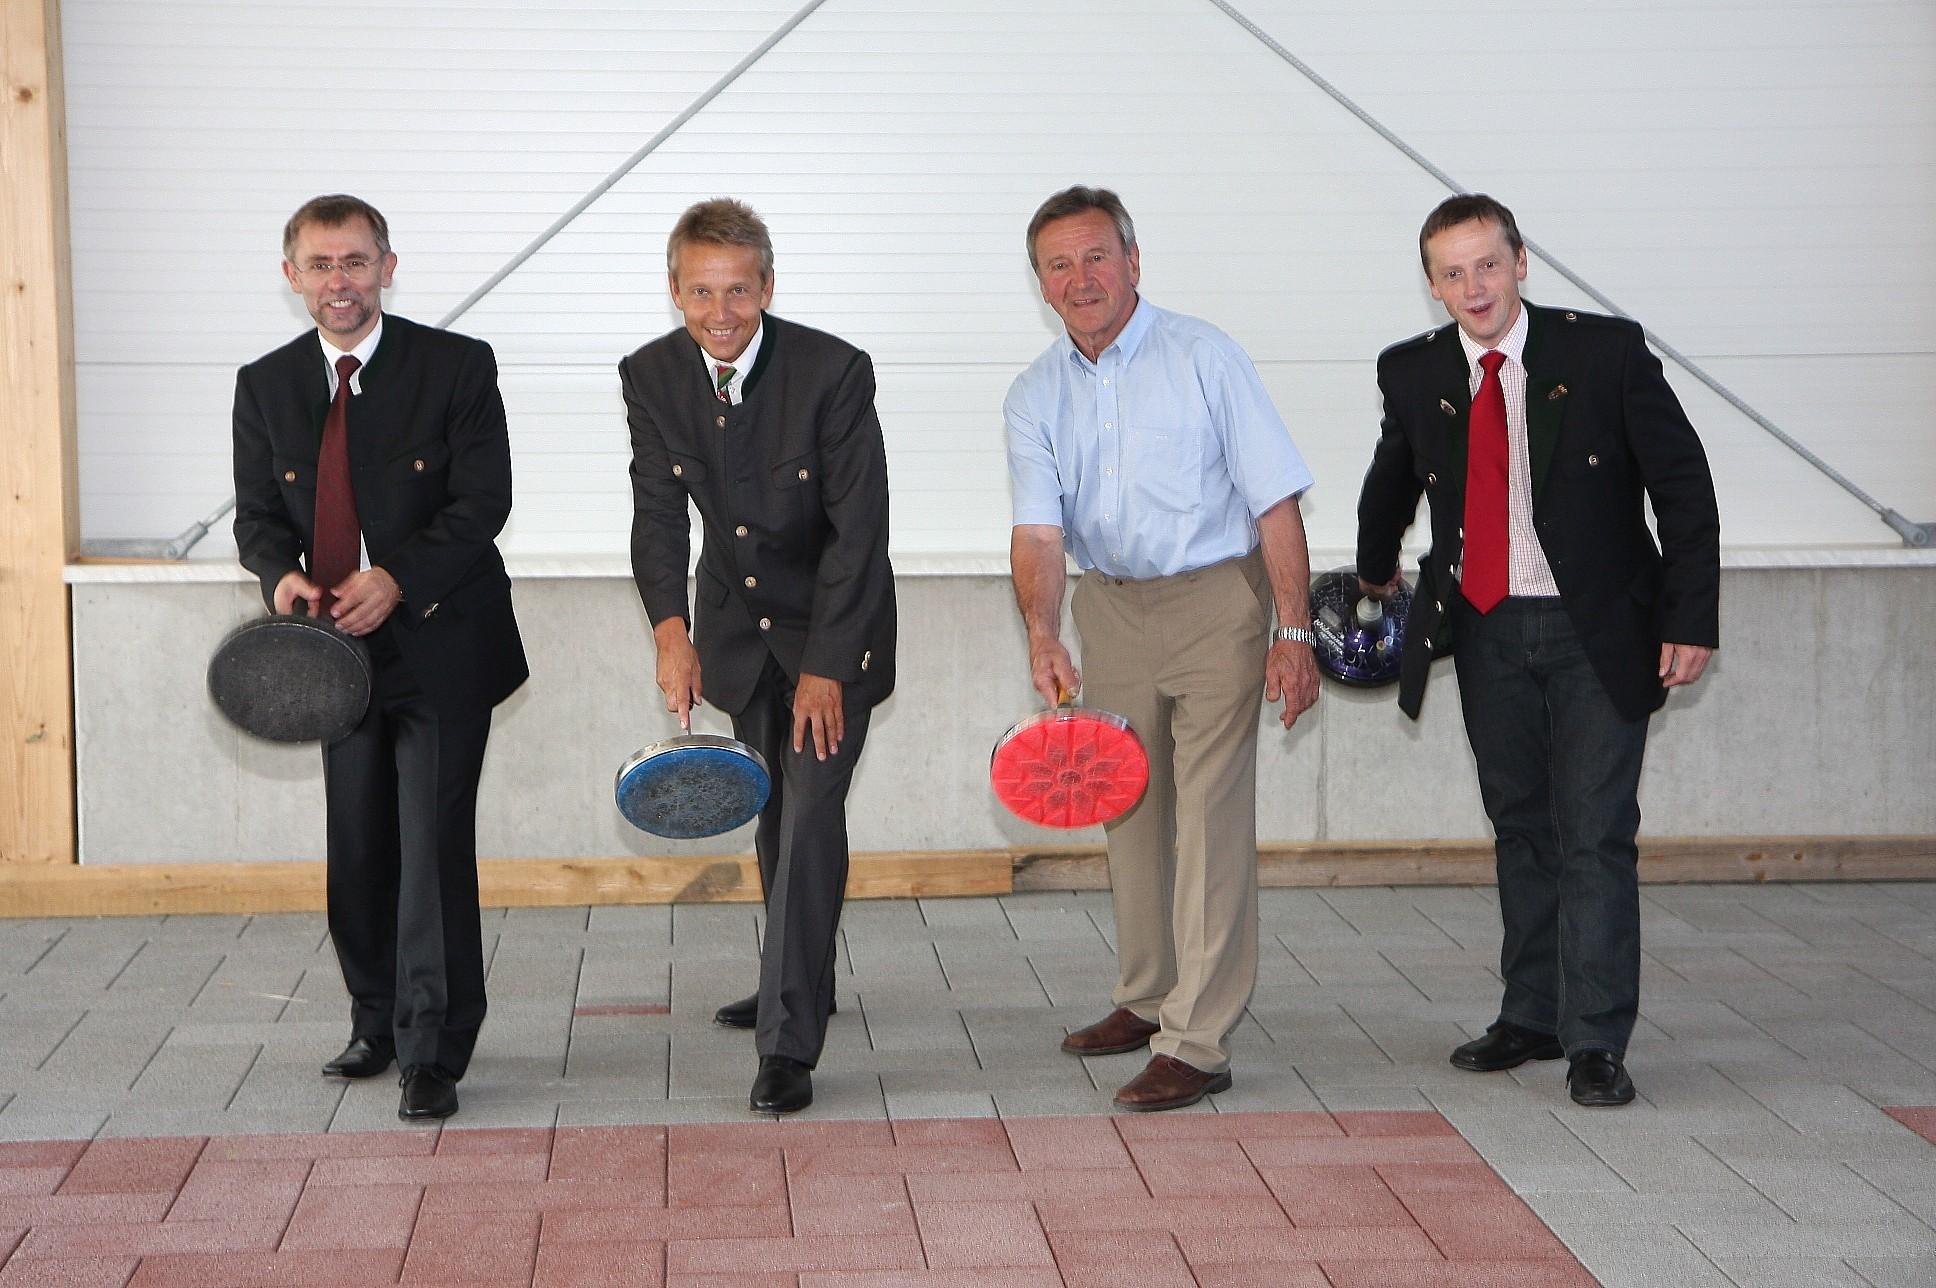 Beim Testen der neuen Stocksporthalle mit Bürgermeister Gerald Maier, dem Obmann des ESV Wagebach, Andreas Hofer und dem Präsidenten des Steirischen Eis- und Stocksportverband, LR a. D. Erich Pötl (C) Büro StS